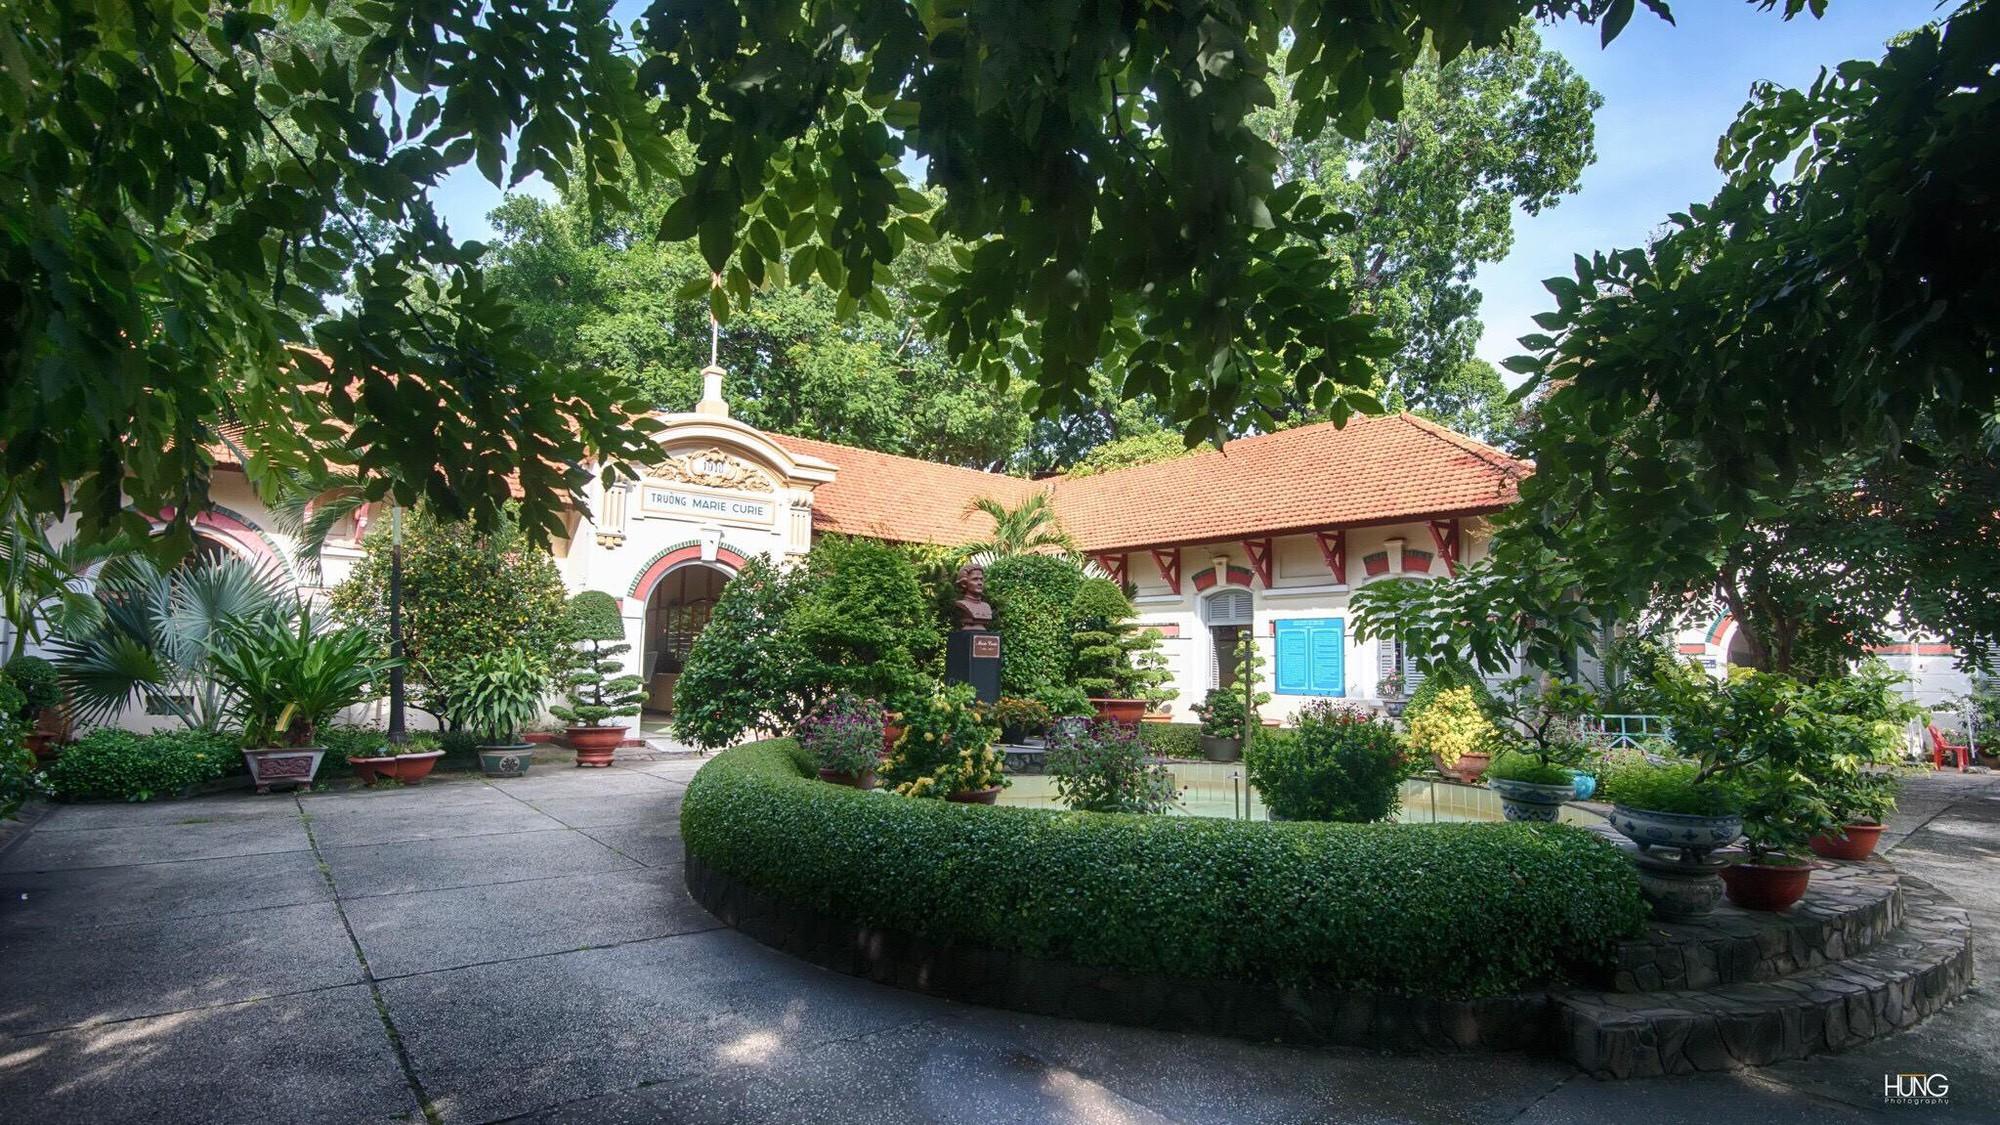 Ngôi trường cấp 3 siêu đỉnh ở Sài Gòn, cựu học sinh toàn sao hot, trai xinh gái đẹp, người thành công có sức ảnh hưởng - Ảnh 7.